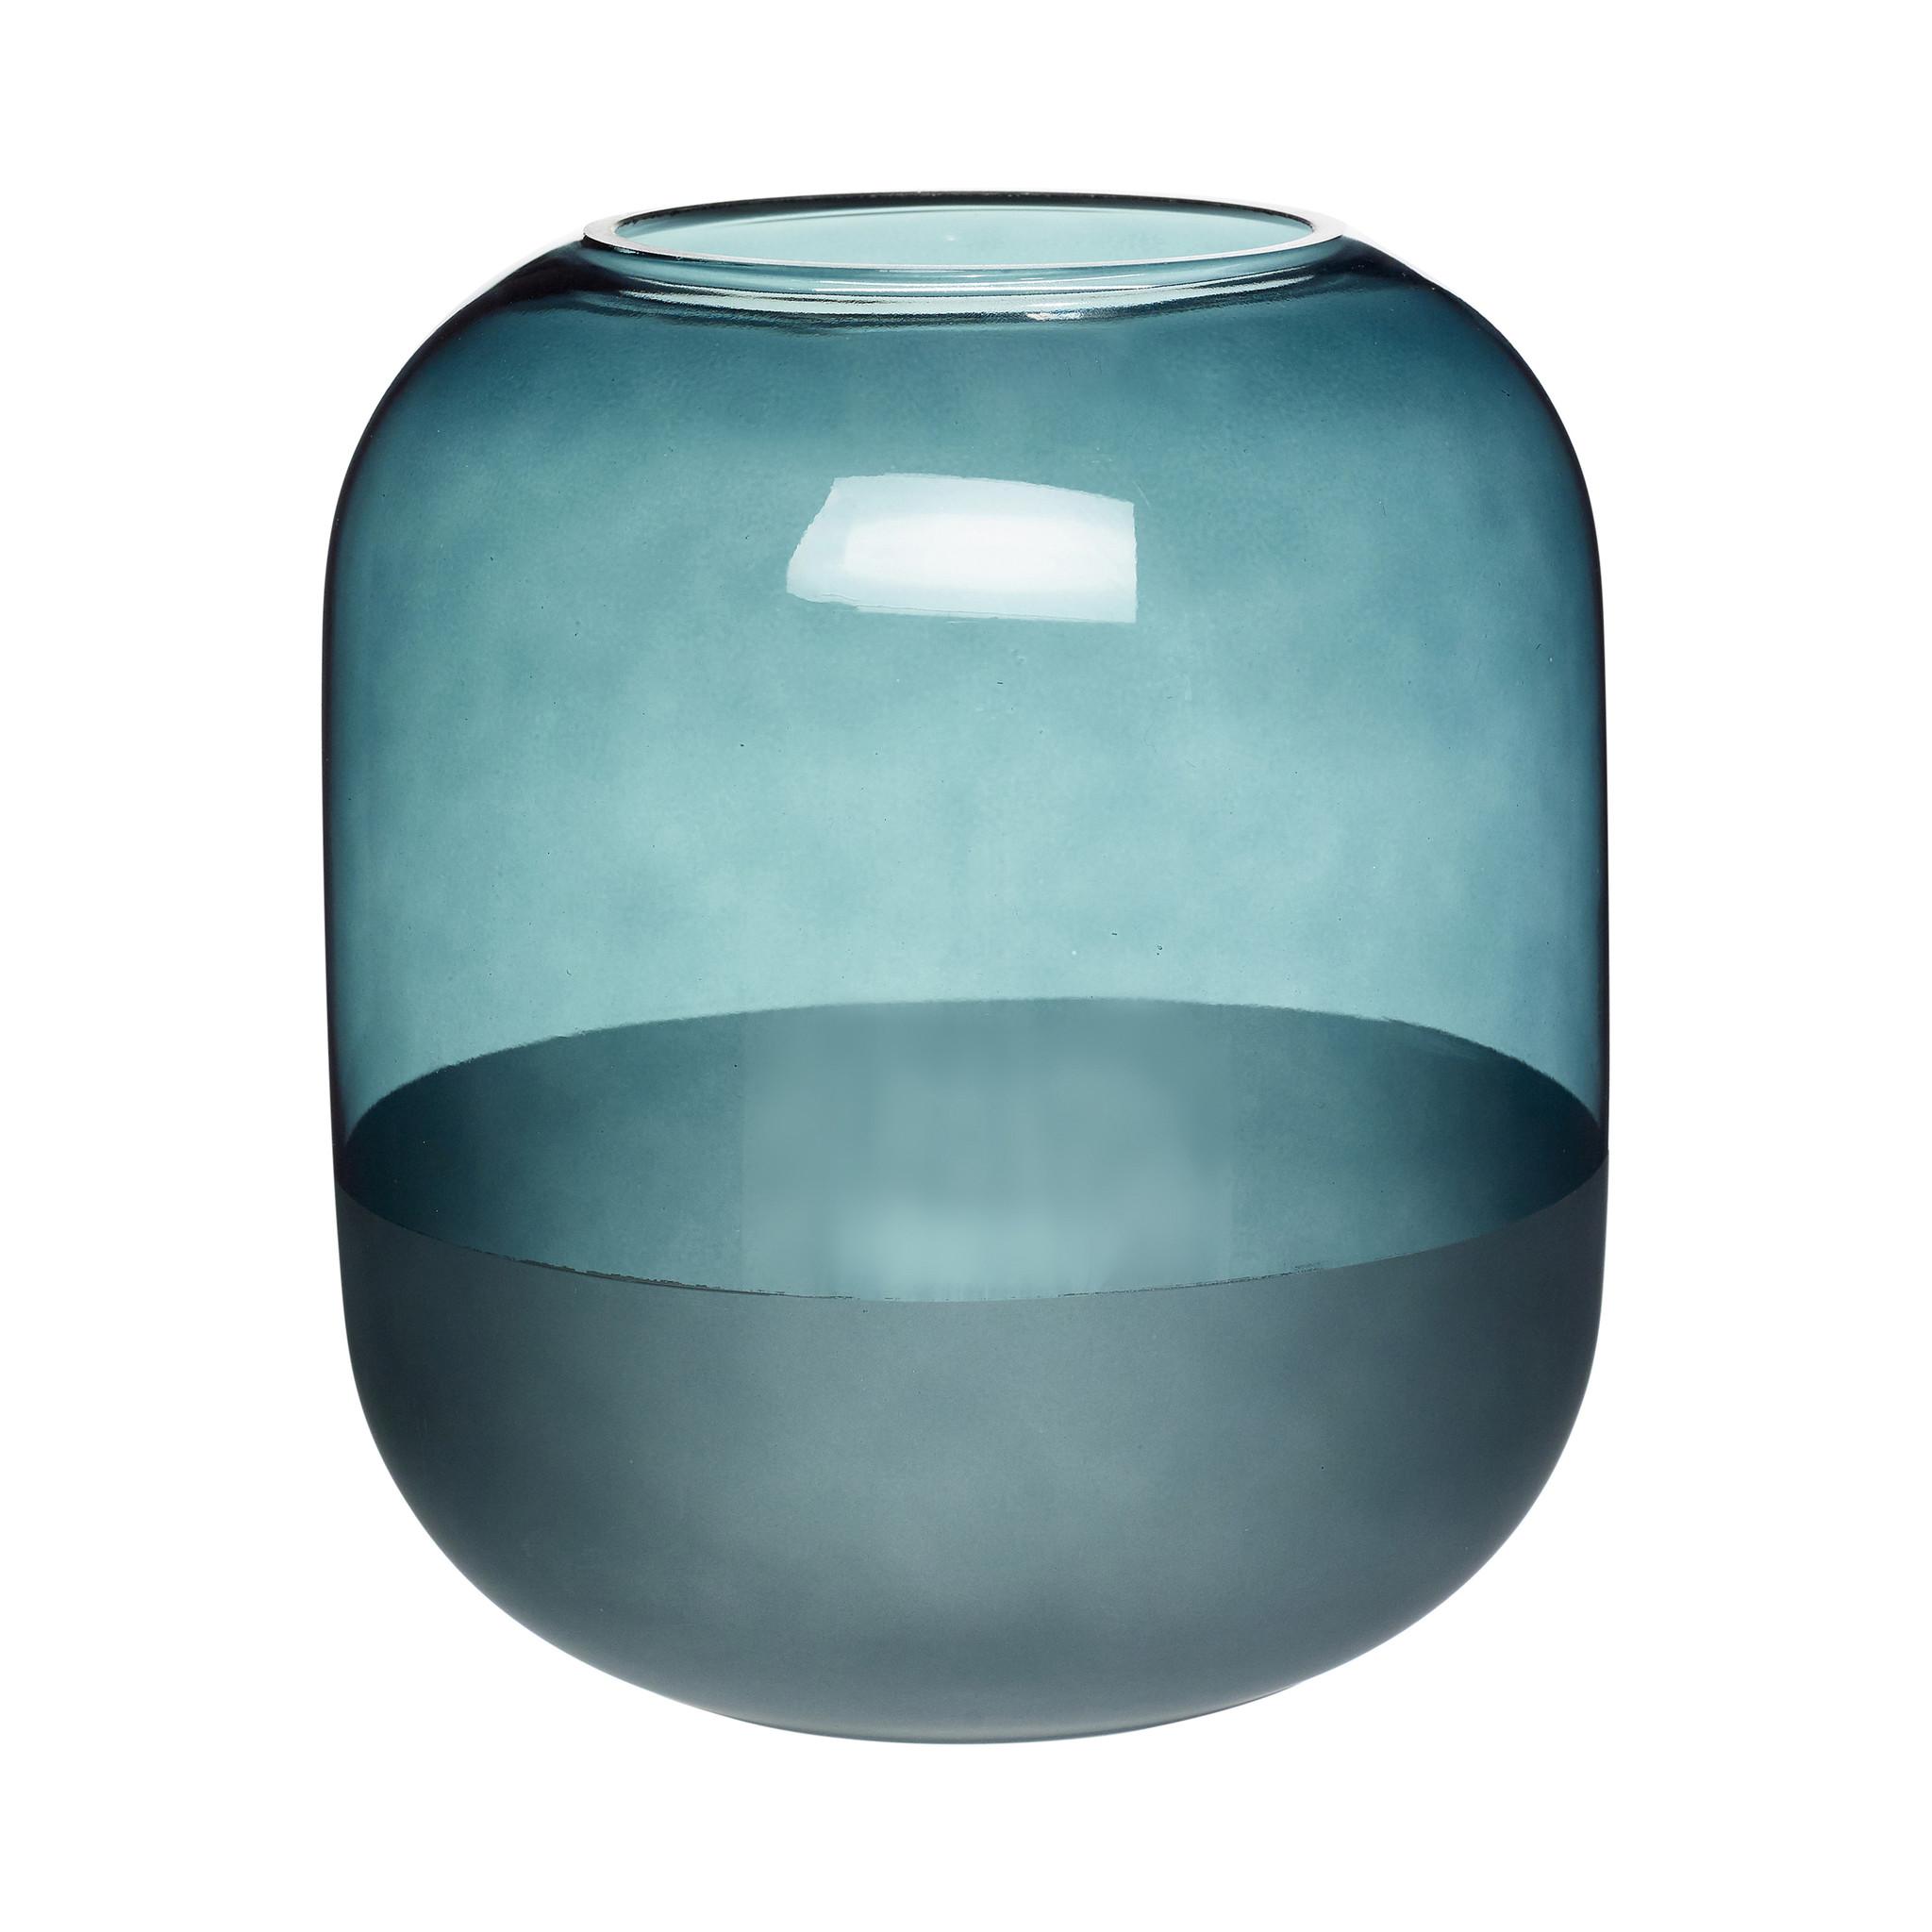 Hubsch Vaas, glas, mat groen-660806-5712772068229